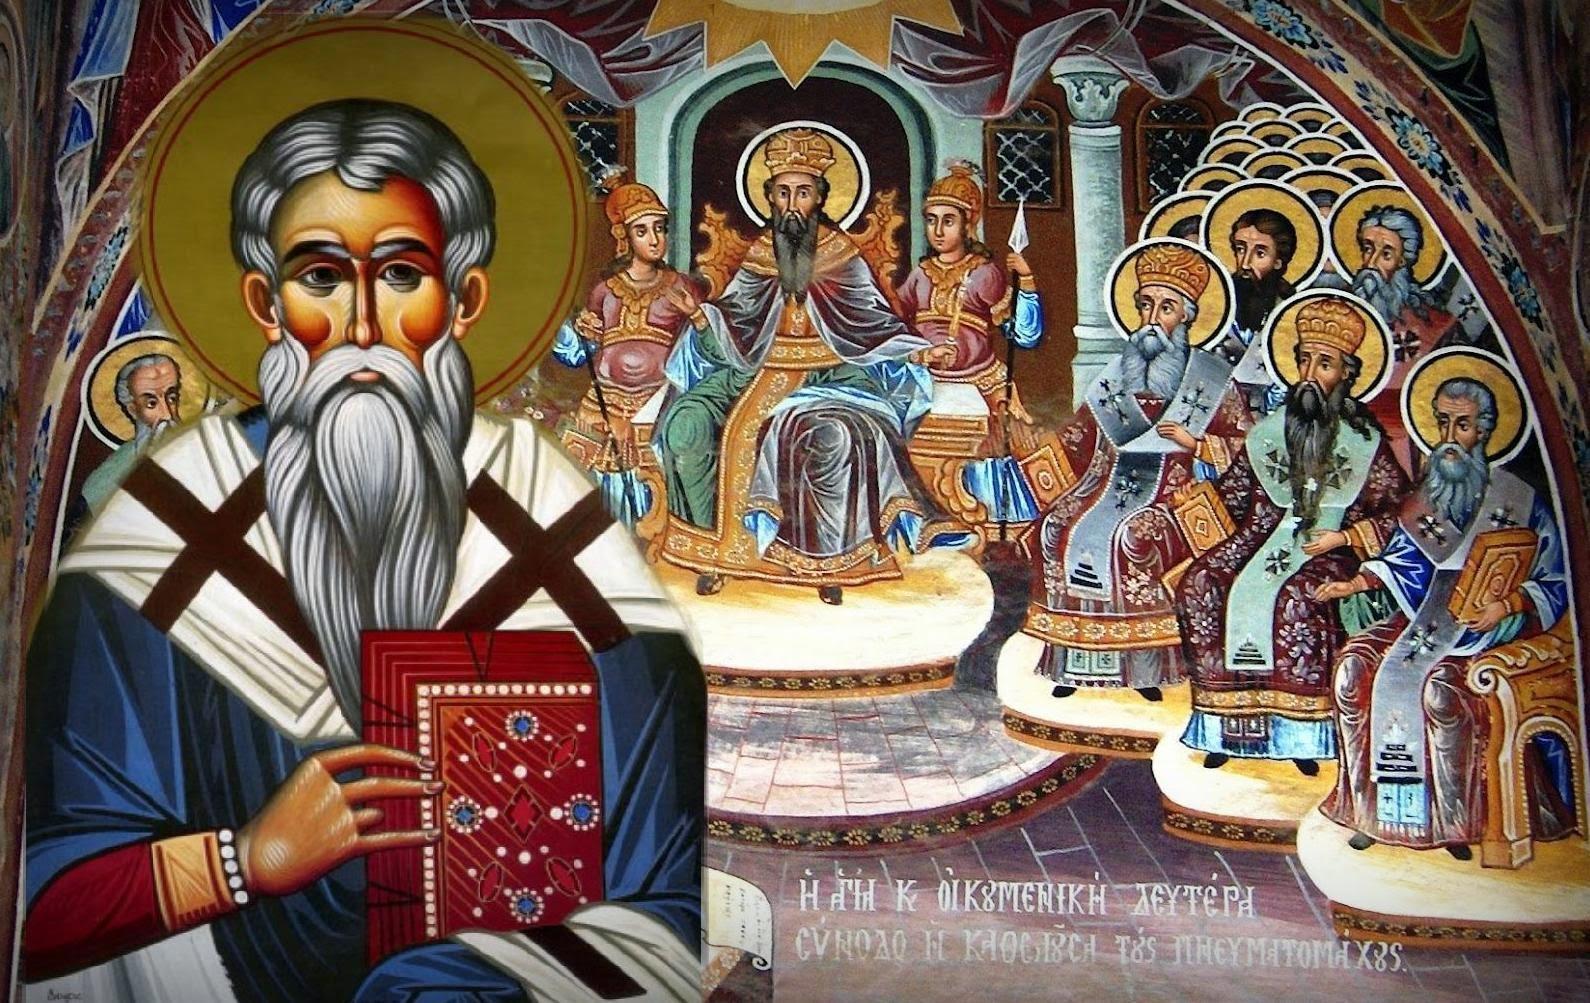 Η Εκκλησία δεν διαιρείται! Οι σχισματικοί και οι αιρετικοί αποσπώνται από την μοναδική αδιαίρεση Εκκλησία!